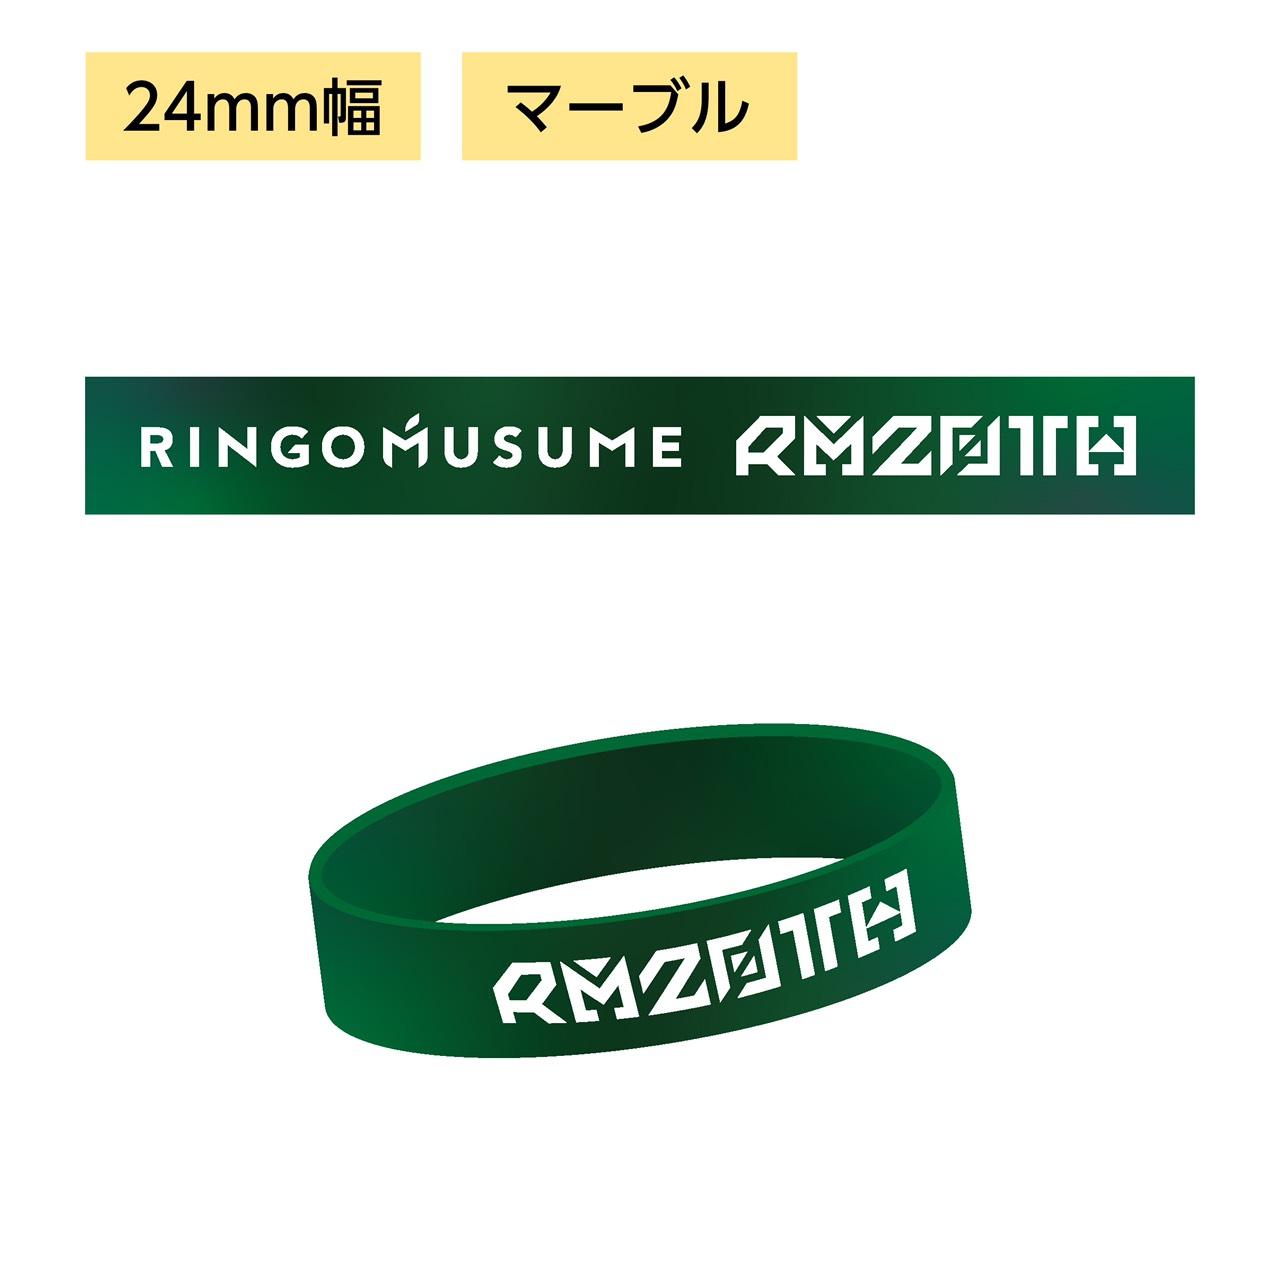 20周年記念シリコンバンド(700円)